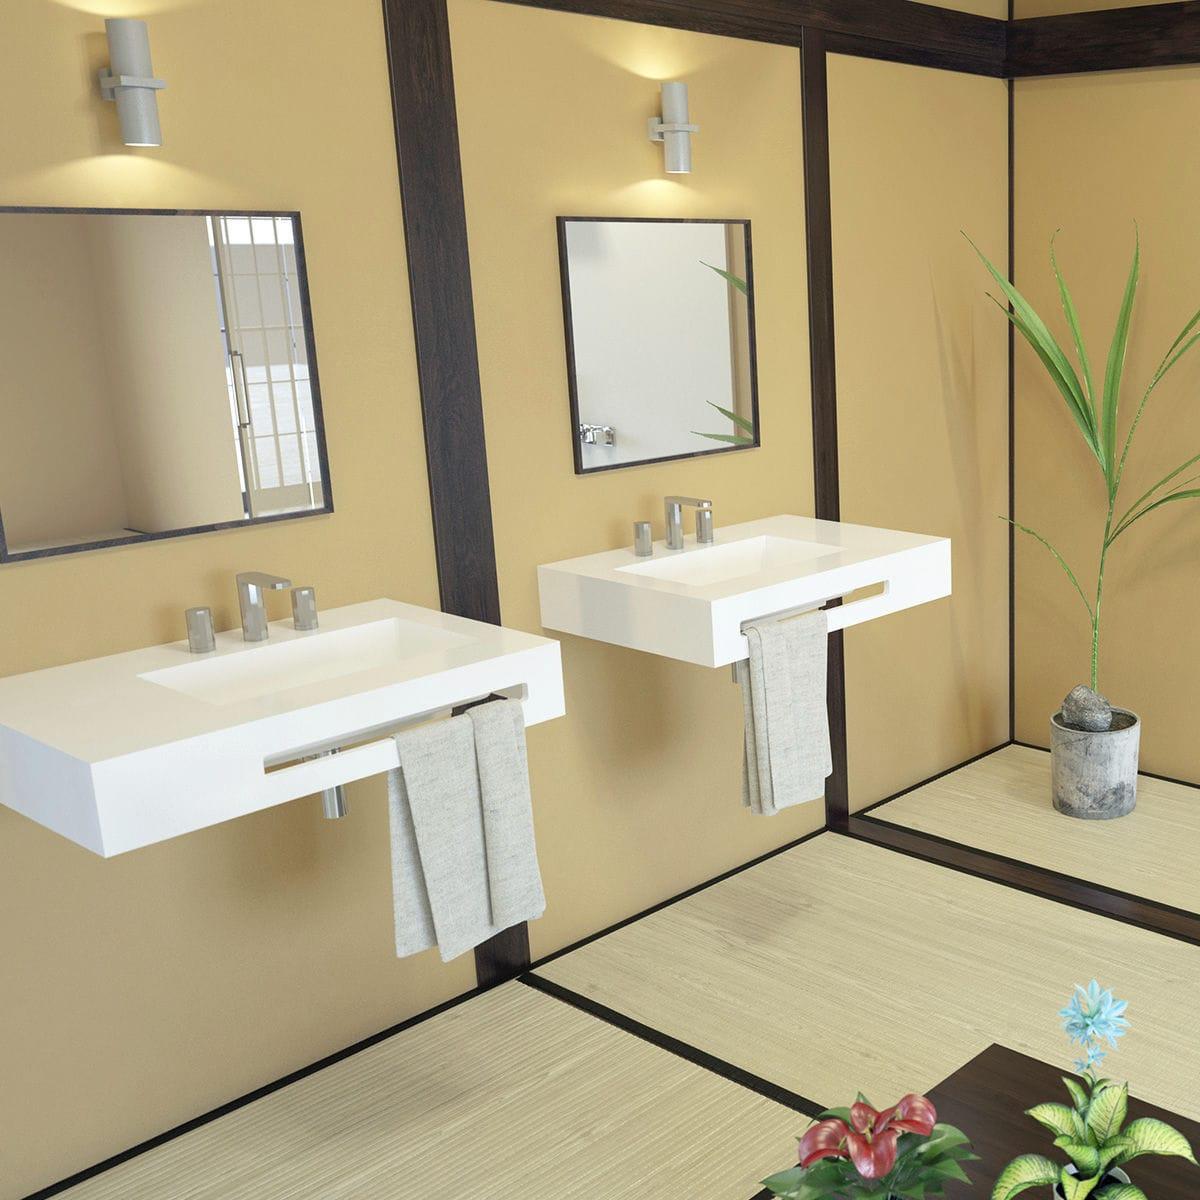 Vasque Avec Trop Plein Int Gr Plan Vasque En Résine - Sur Mesure - Avec Porte-serviettes Intégré - Urban